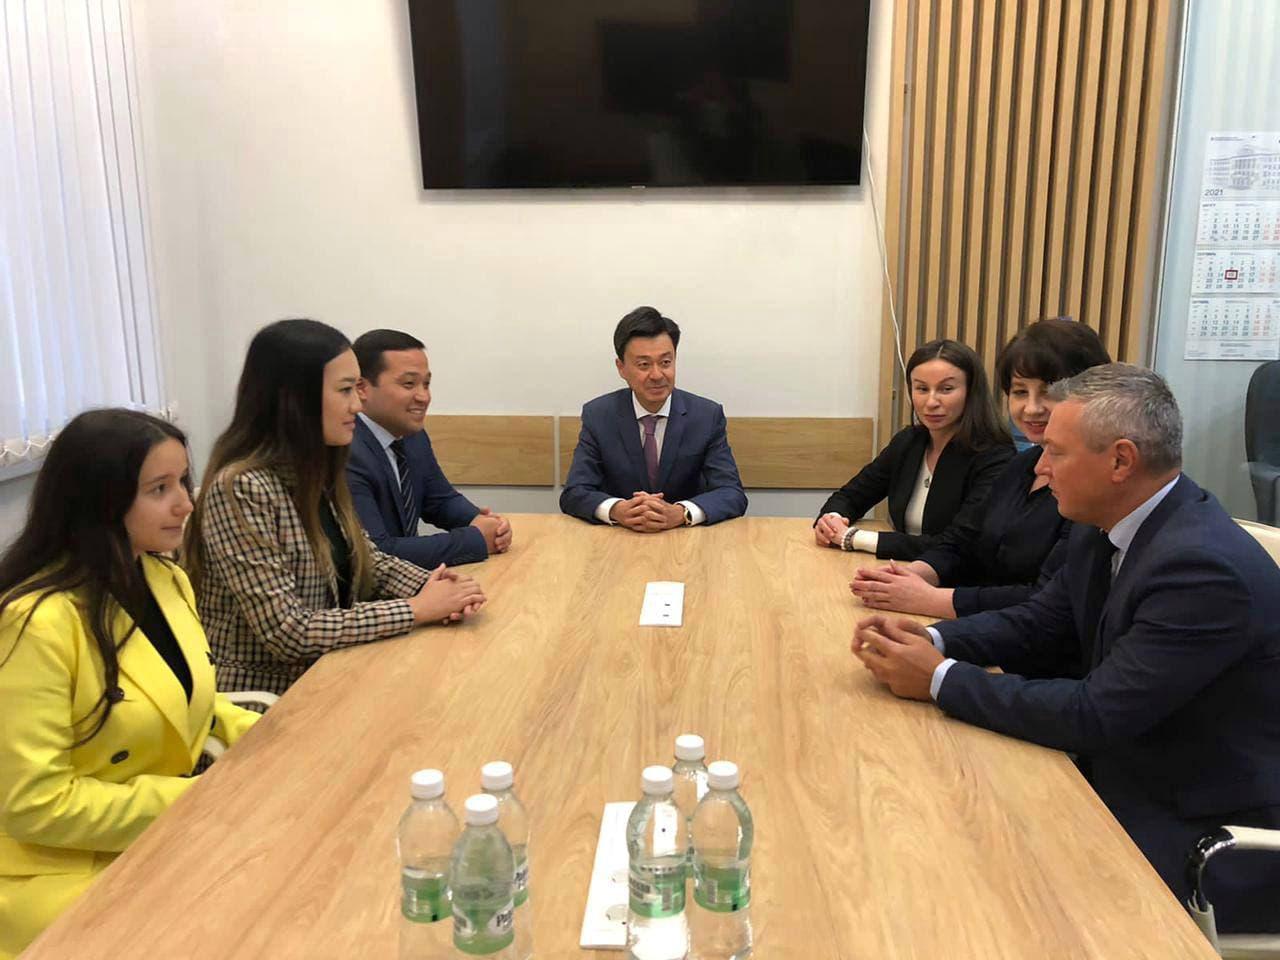 Генеральное консульство РК провело круглый стол, посвященный 30-летию закрытия Семипалатинского полигона